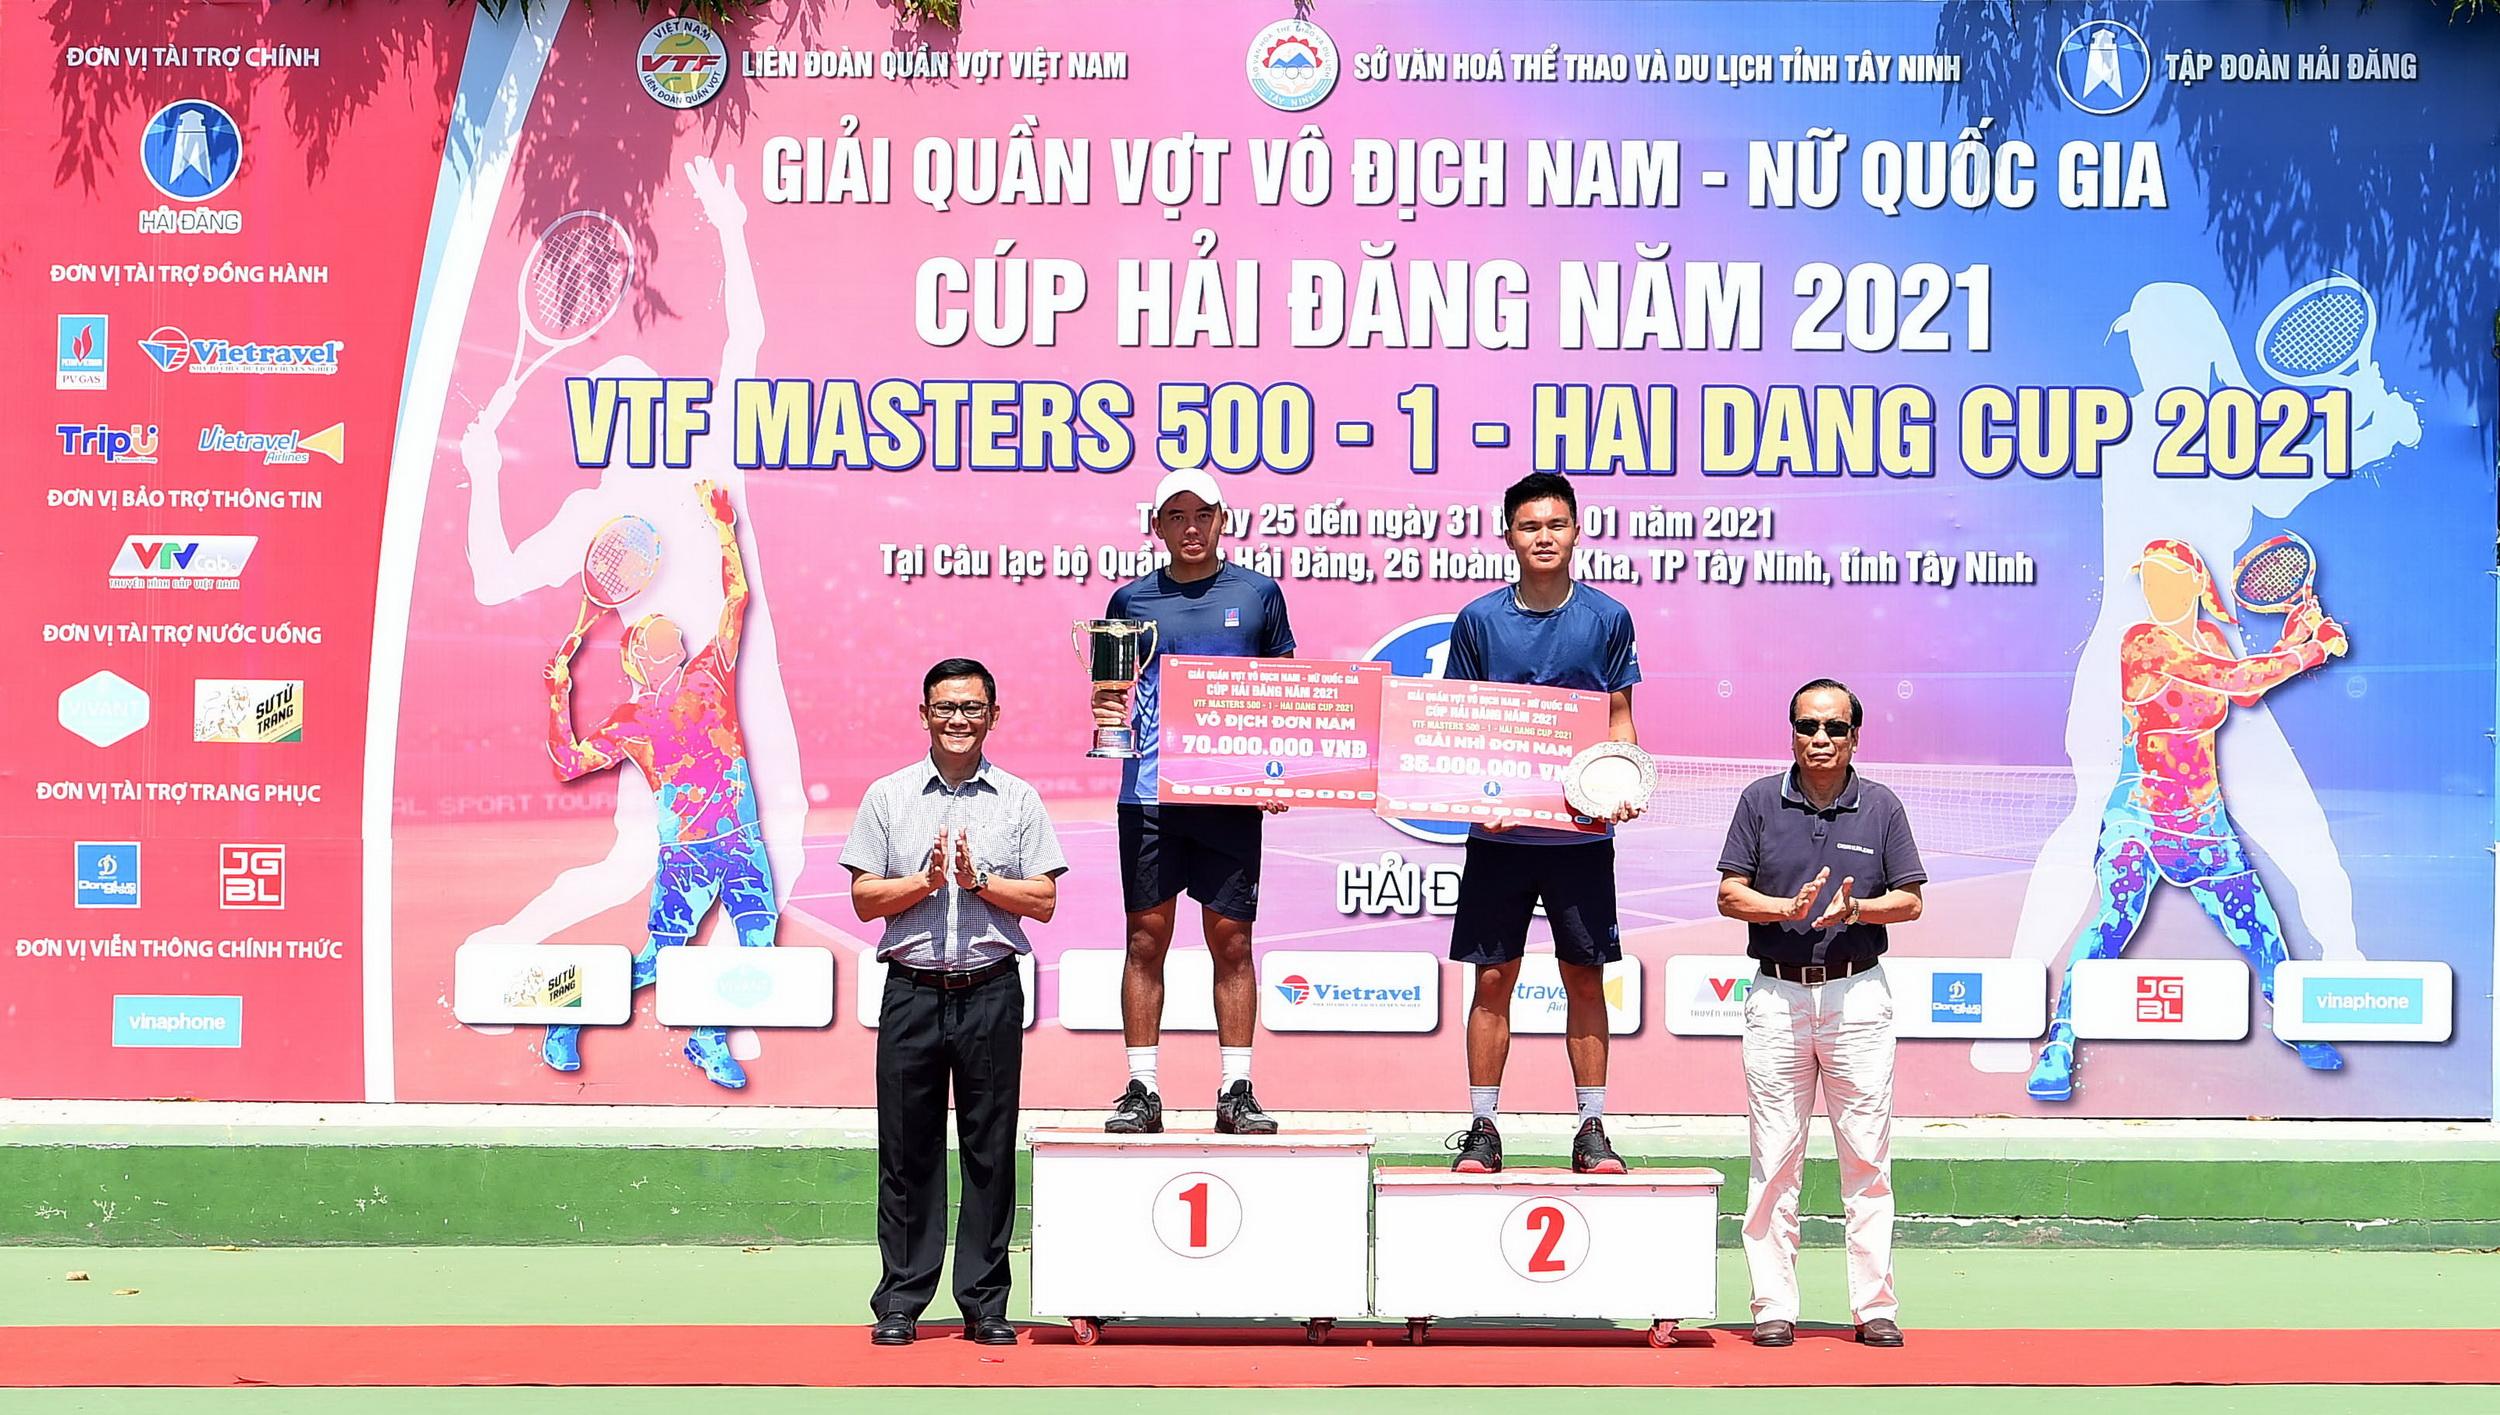 PV GAS cùng đồng hành với các giải đấu của Liên đoàn Quần vợt Việt Nam và VĐV Lý Hoàng Nam